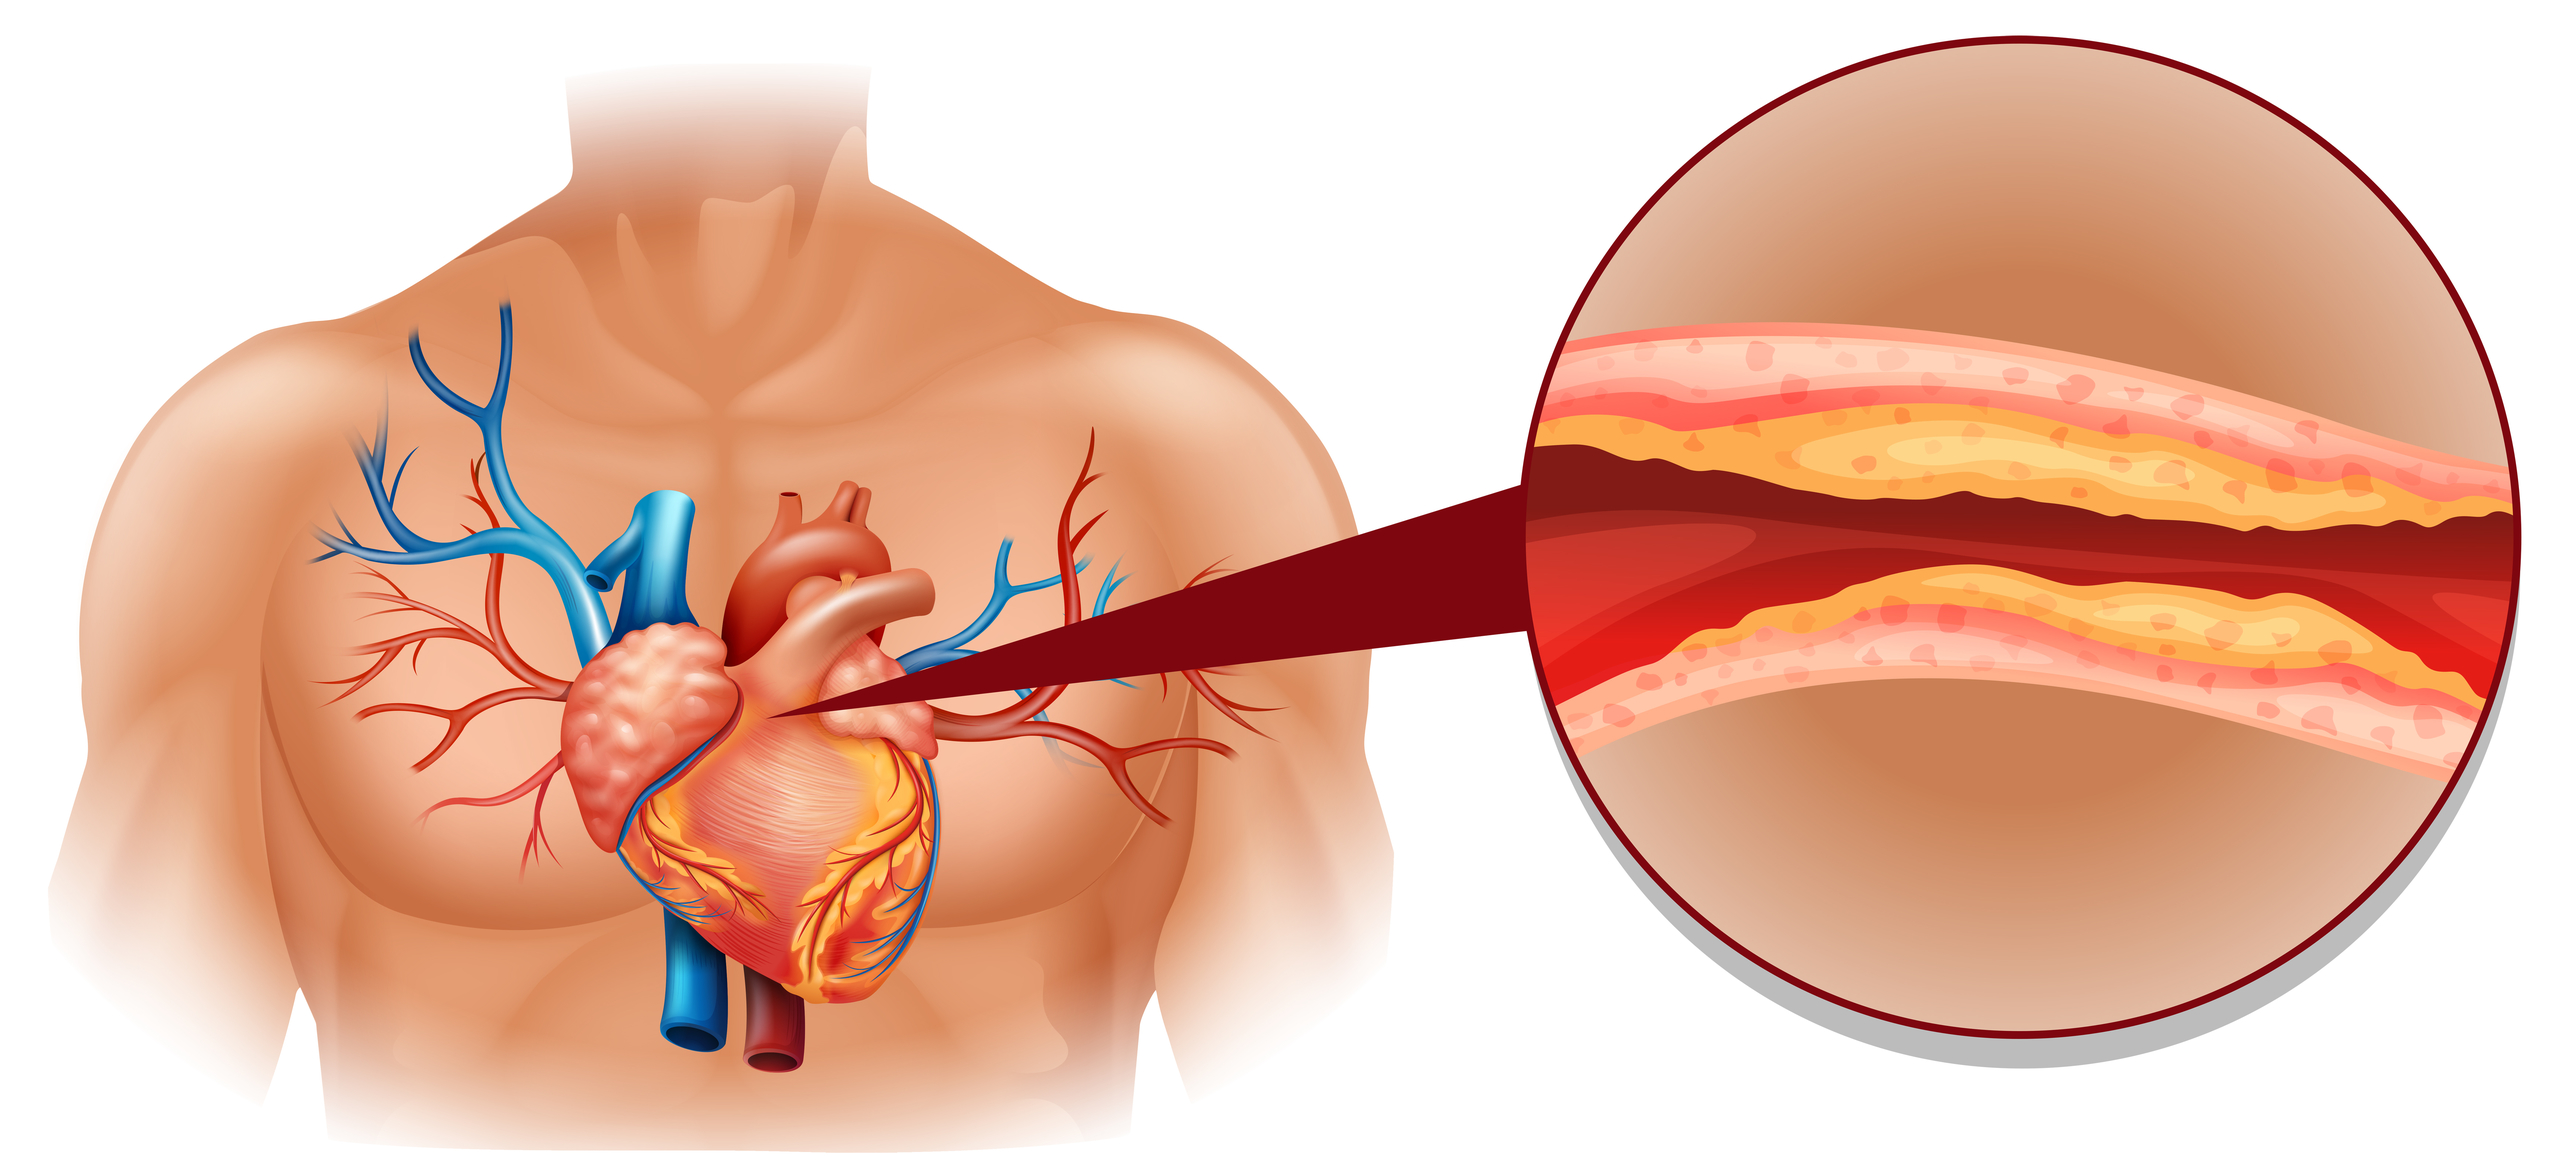 Tegning av mann med hjerte og utsnitt av blodåre med plakk i seg